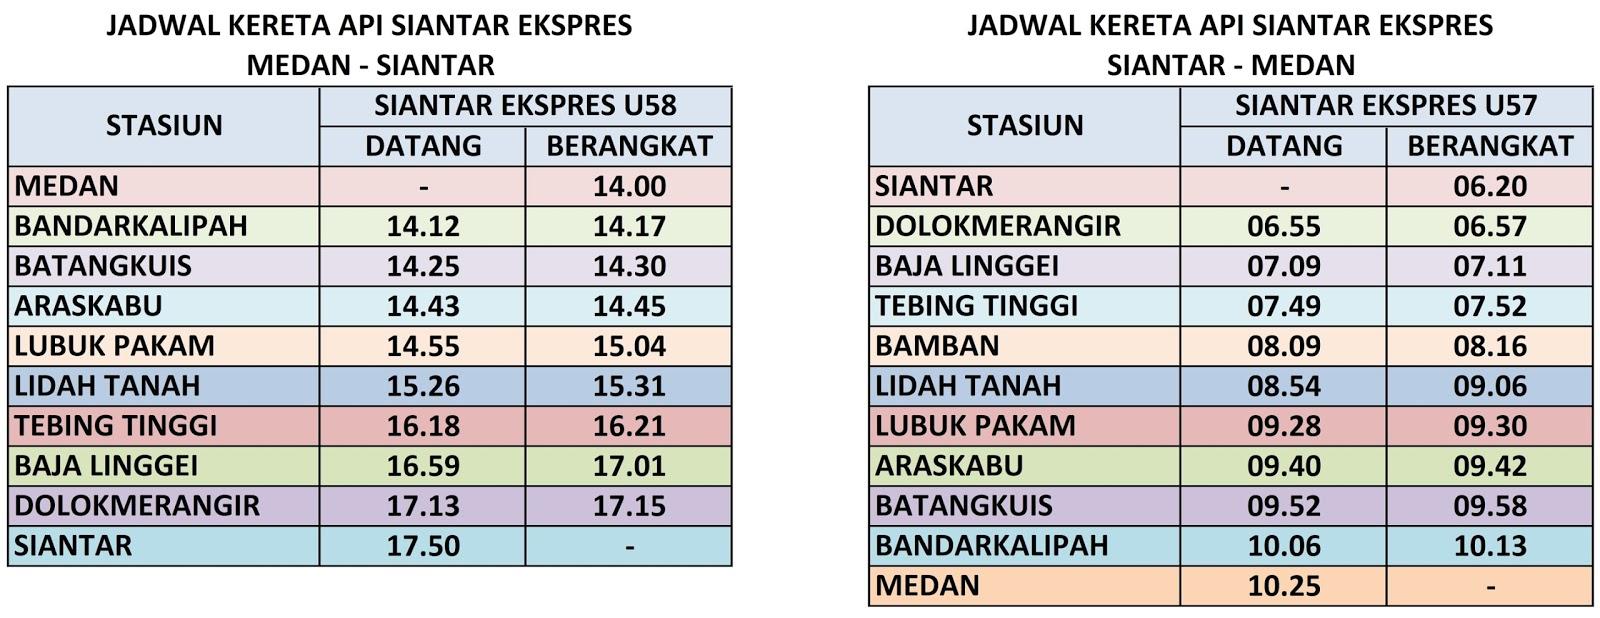 Jadwal Kereta Api Lokal Di Pulau Sumatera